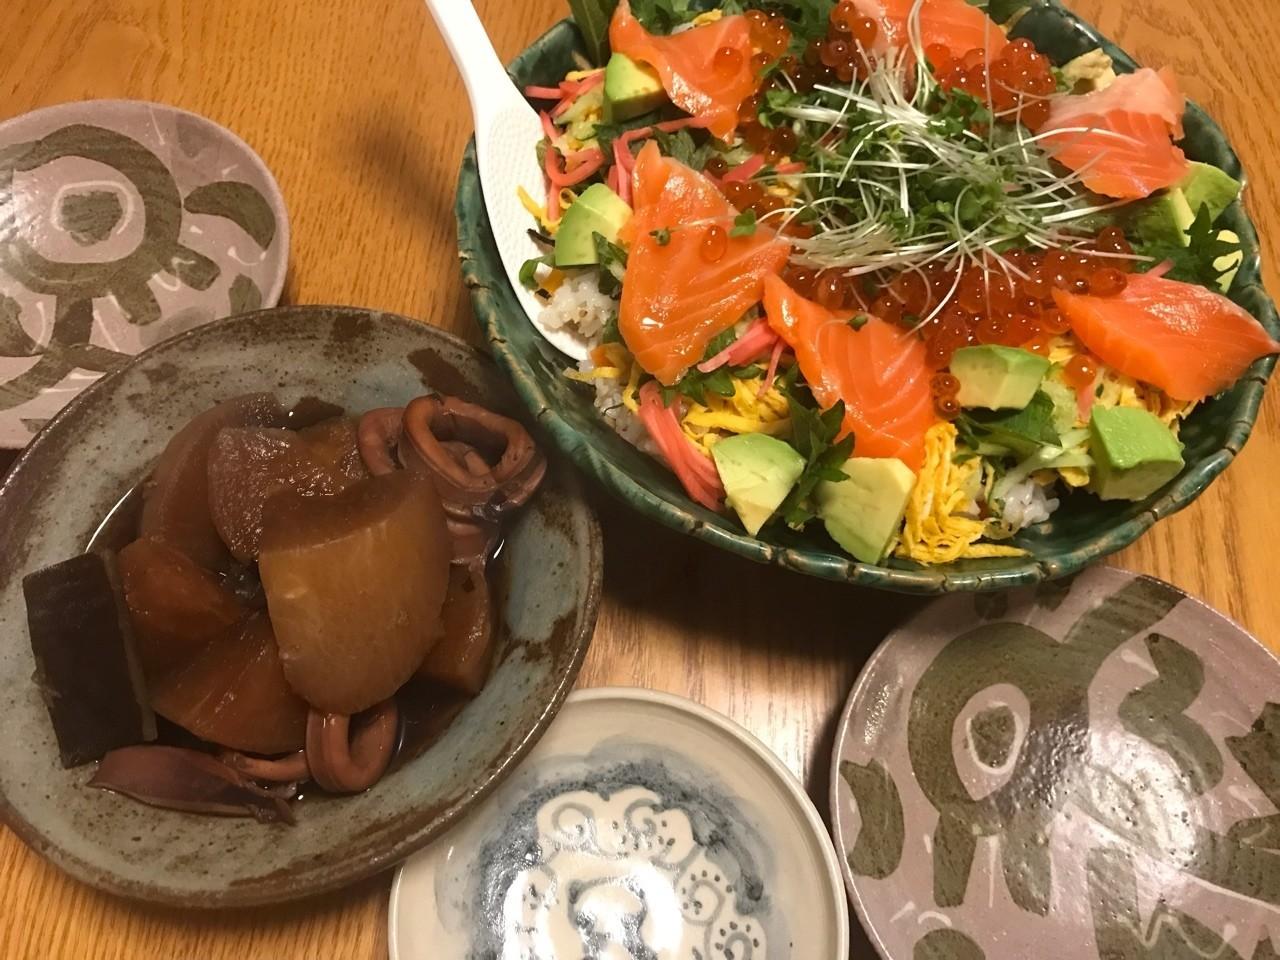 30年前つくった緑釉の器にチラシ寿司、サーモンとイクラ入り(^_−)−☆ #晩ごはん #サーモ #イクラ #織部釉